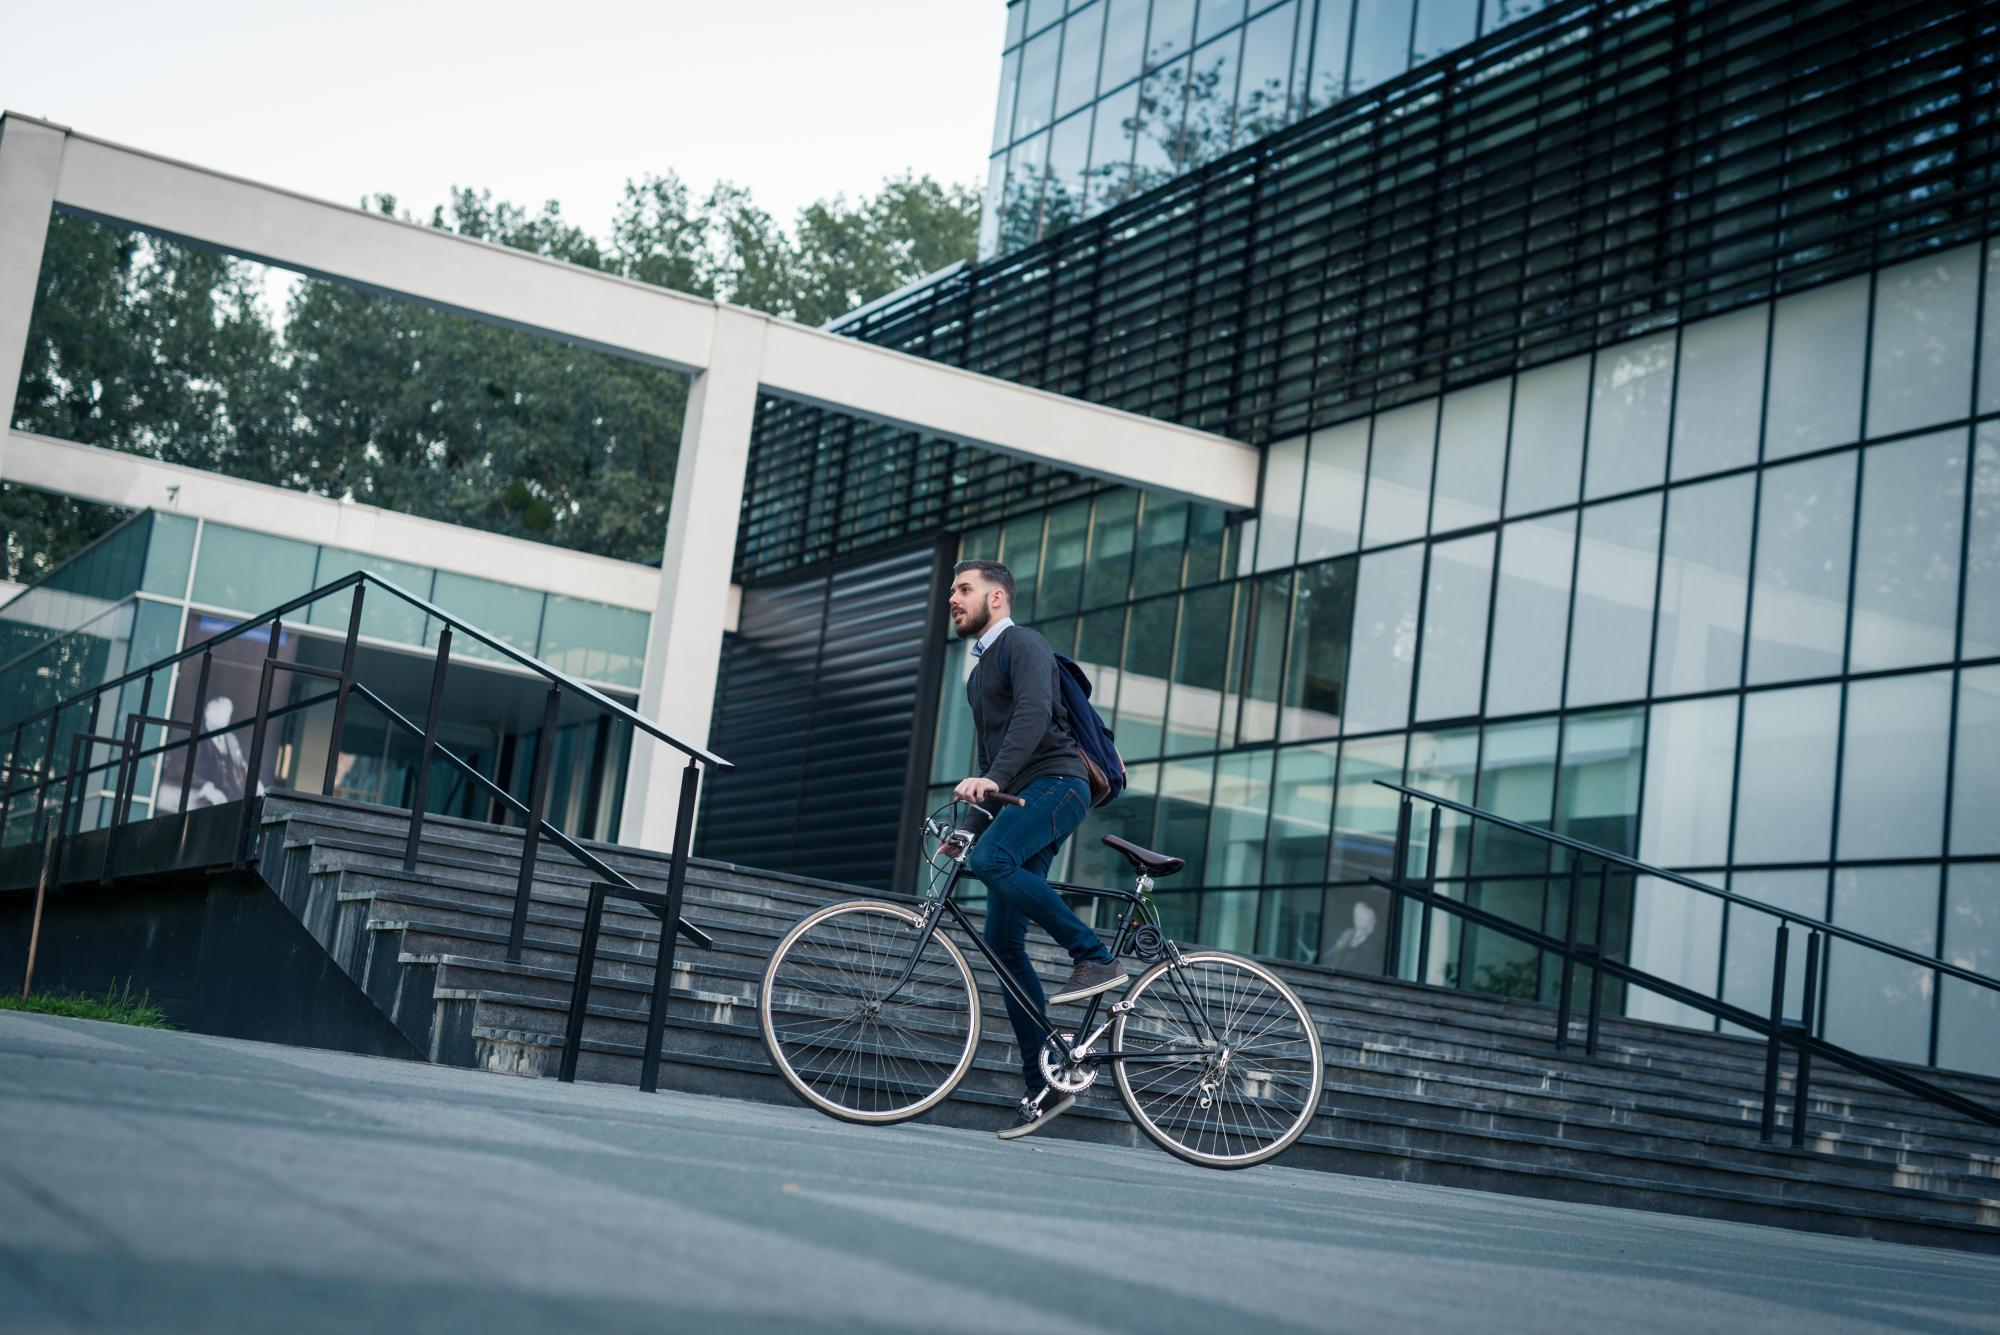 Fundacja Allegro All For Planet zaprasza nie tylko duże, ale też małe i średnie firmy do wypełniania deklaracji #RowerowyPracodawca. (Fot. mat. pras.)